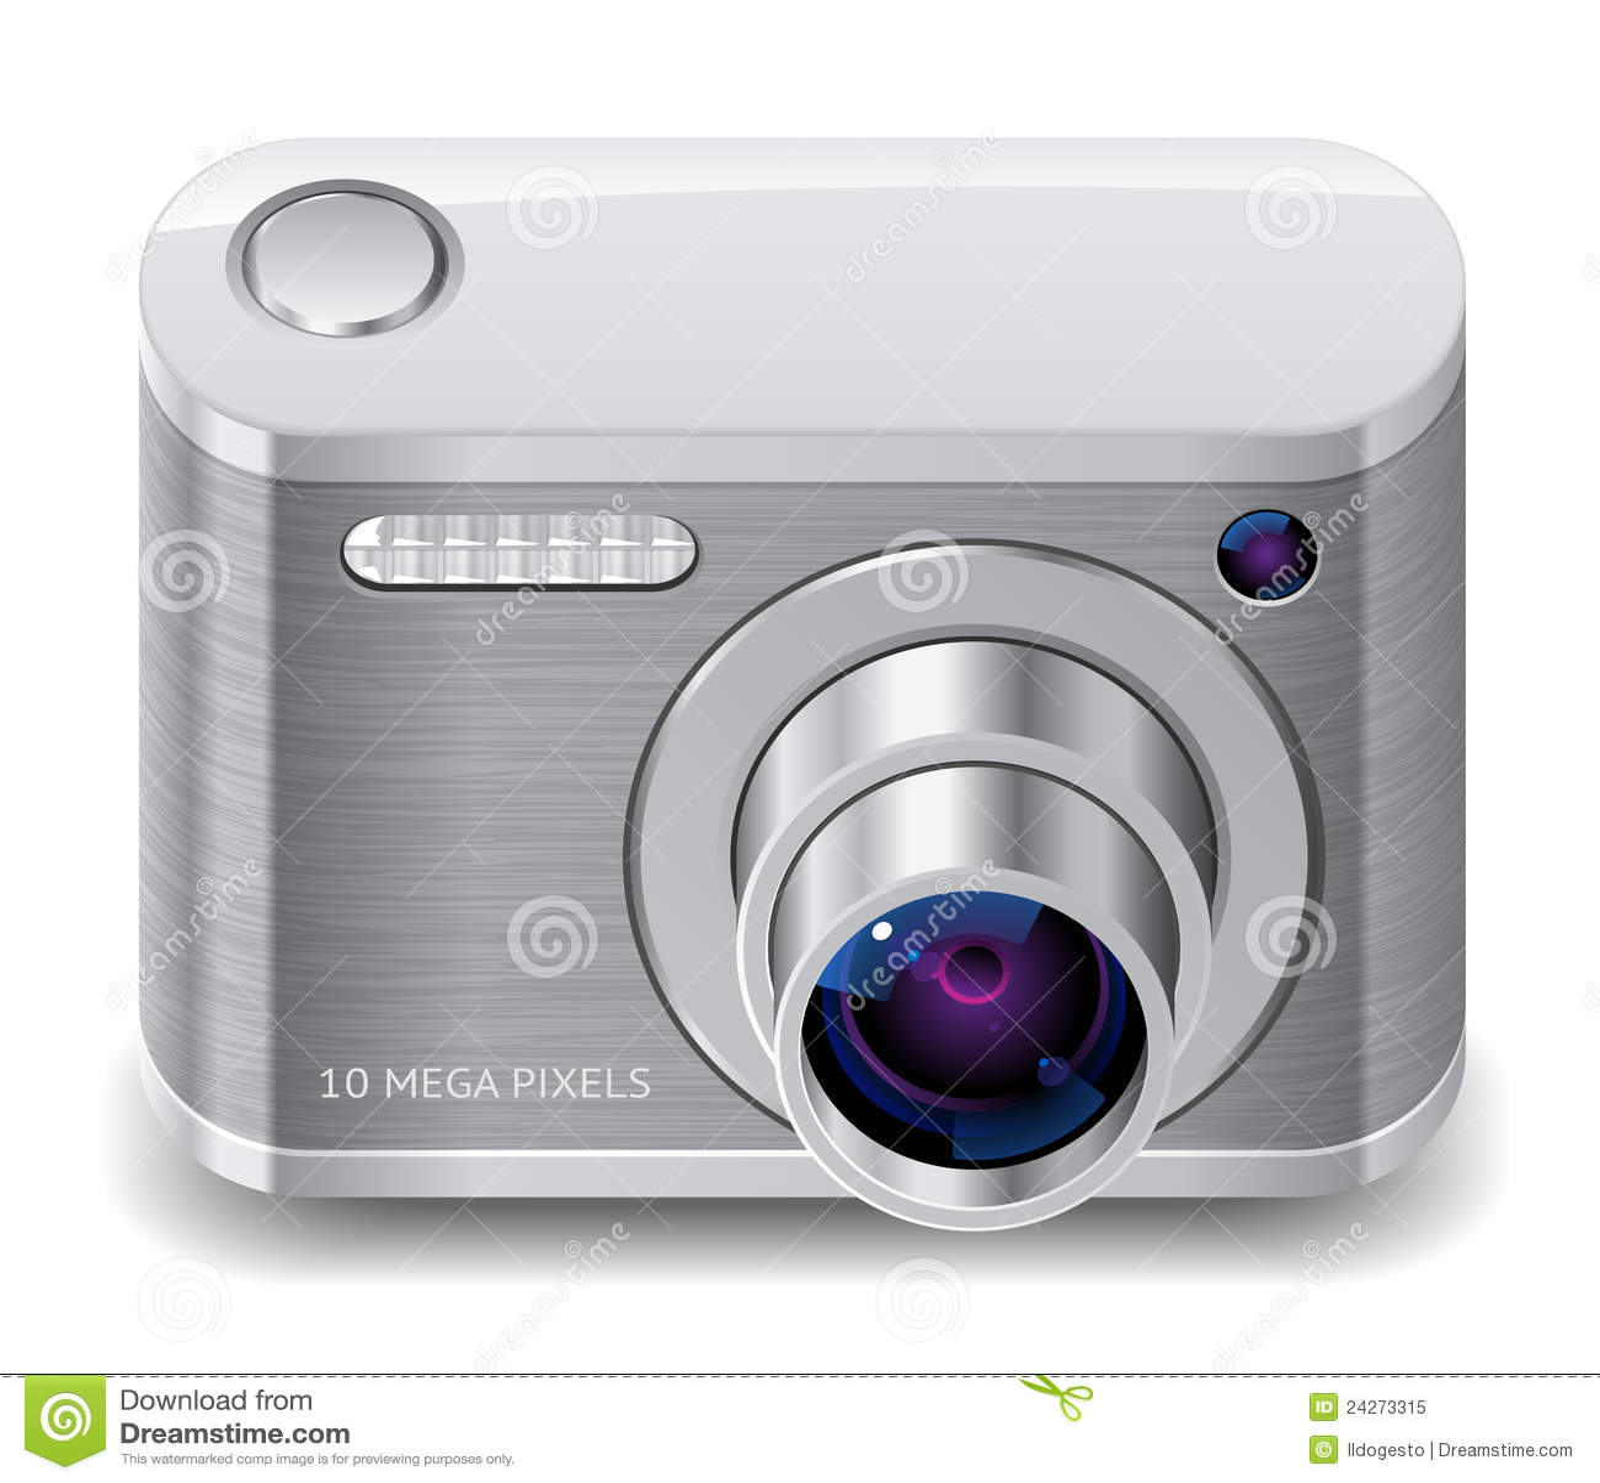 Icona per la macchina fotografica compatta della foto for Macchina fotografica compatta